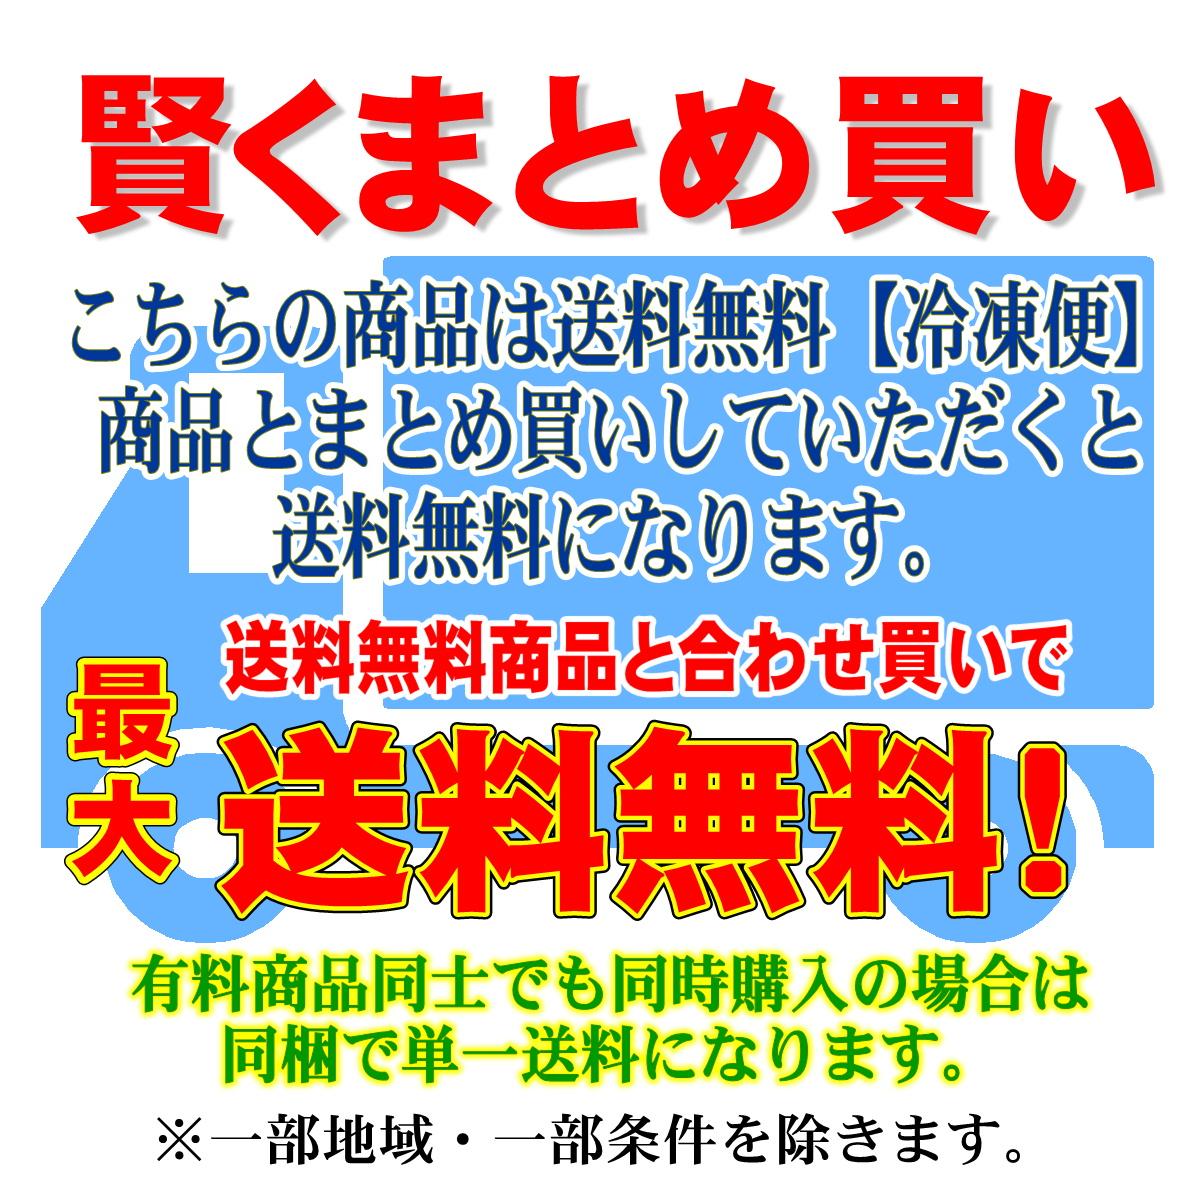 辛子明太子 (バラ子・皮なし・2kg 業務用)国内加工【バラ子皮なしなので使いがっても良い明太子です】(冷凍便)